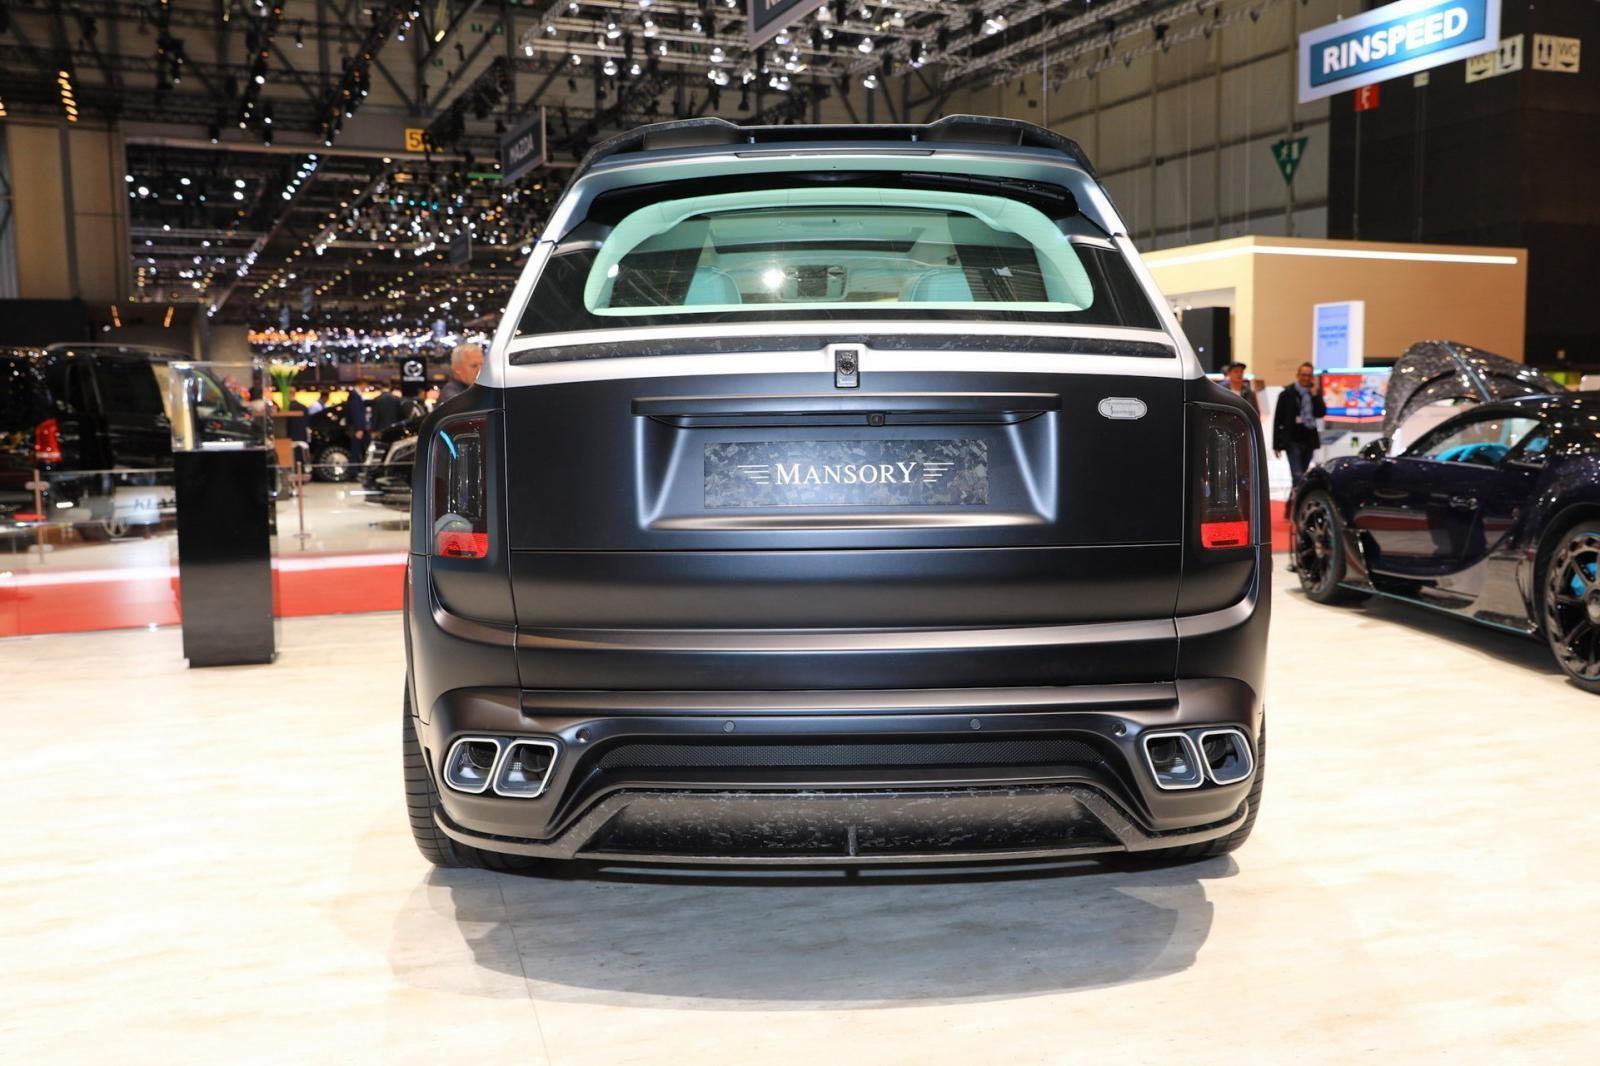 Mansory đã làm rất tốt việc thay đổi ngoại hình cho Rolls-Royce Cullinan Billionaire